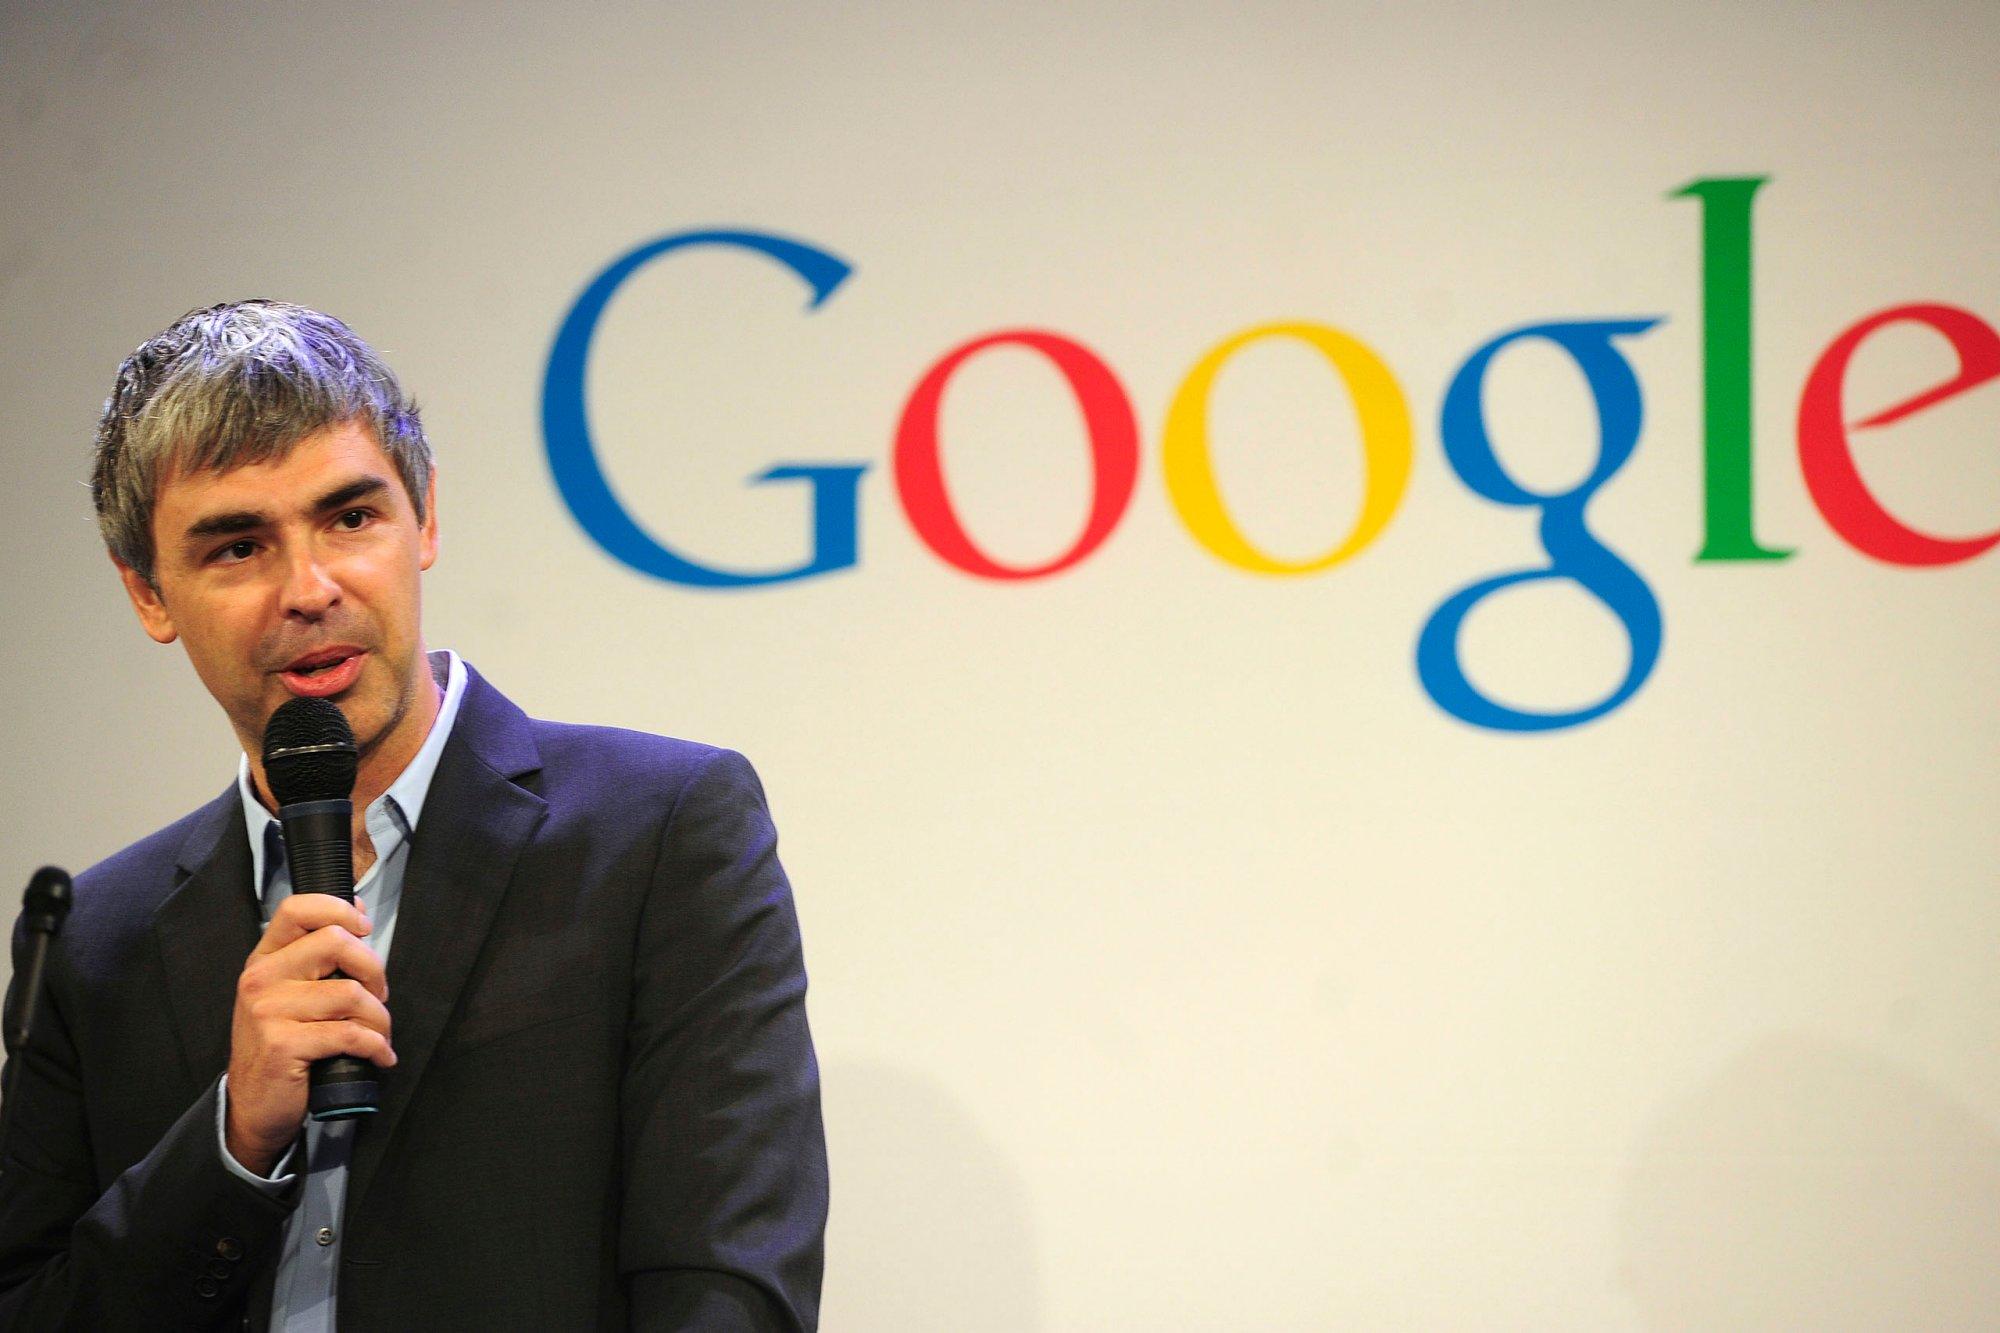 Top 10 thương hiệu lớn nhất thế giới: Google vượt mặt Apple, tham vọng lớn của Larry Page